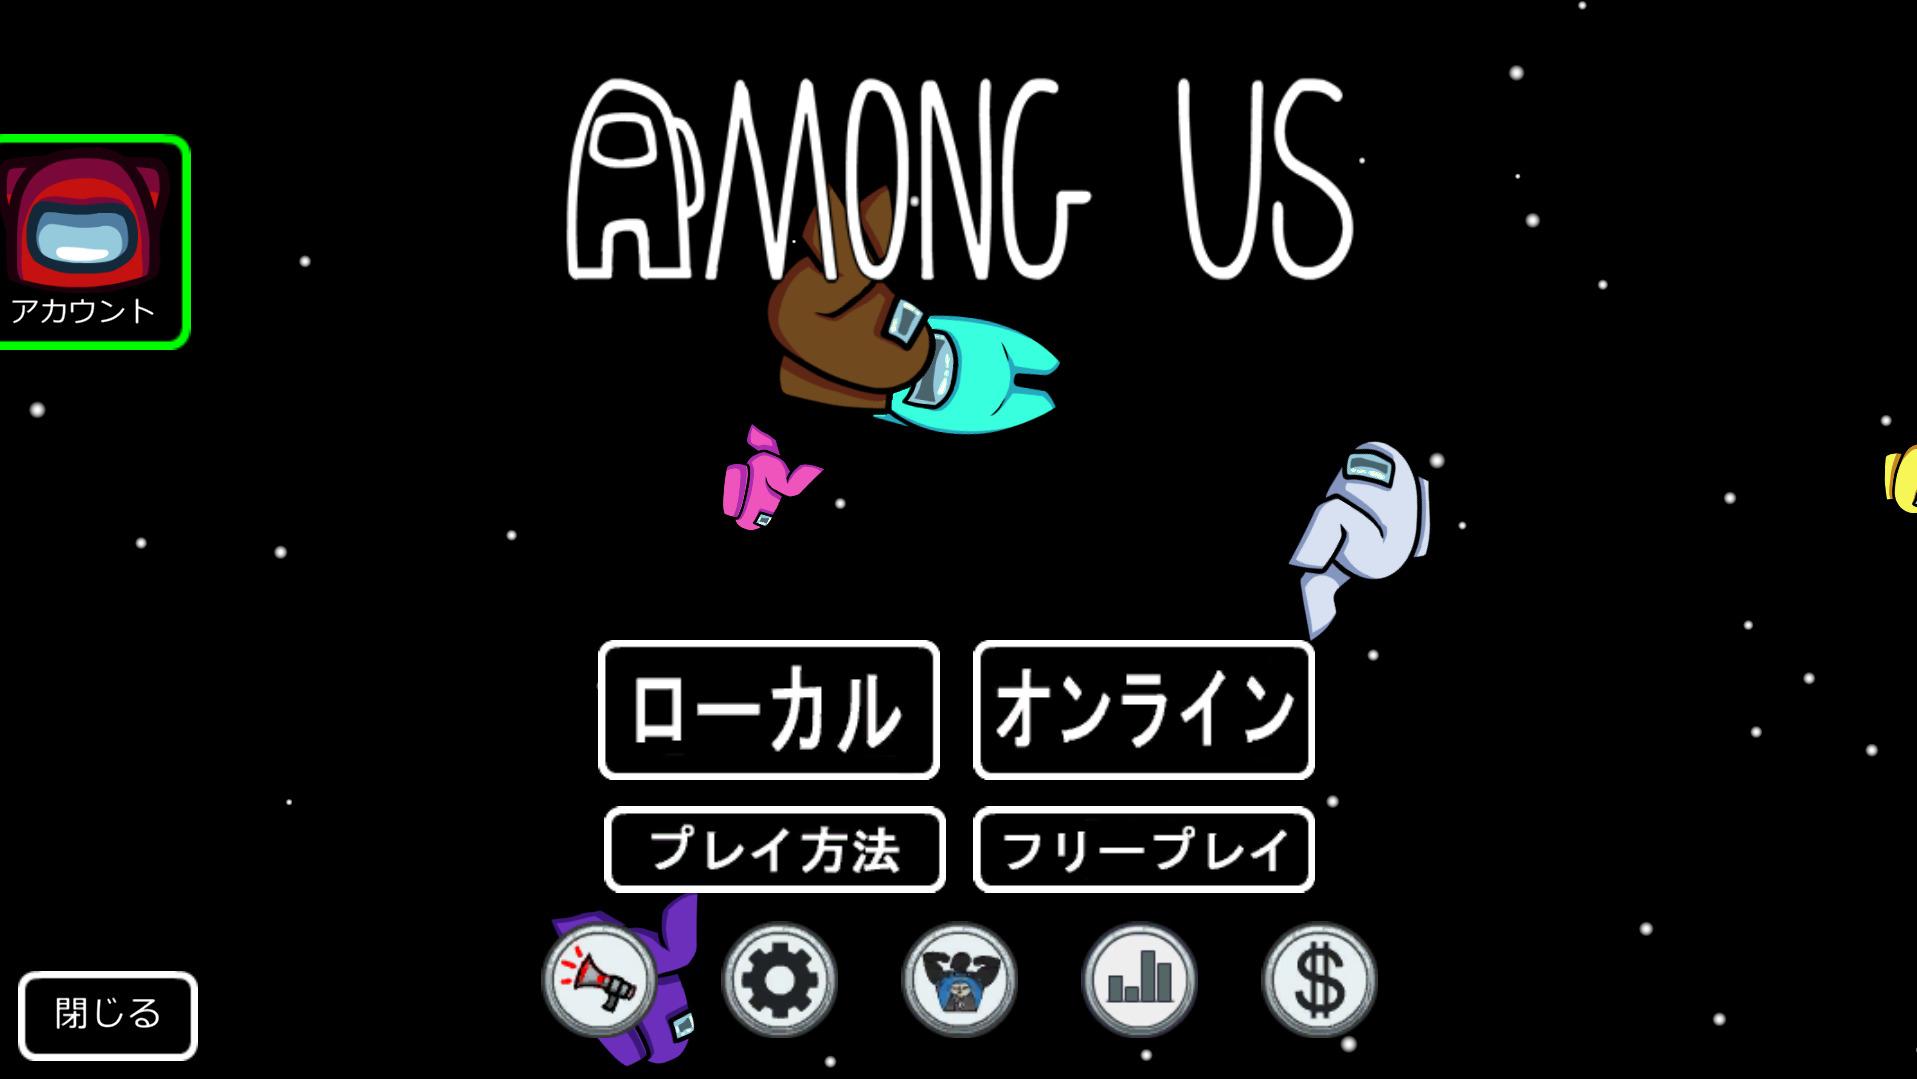 【アモングアス】部屋の名前を変える設定方法【PC/Switch/モバイル】【Among Us】